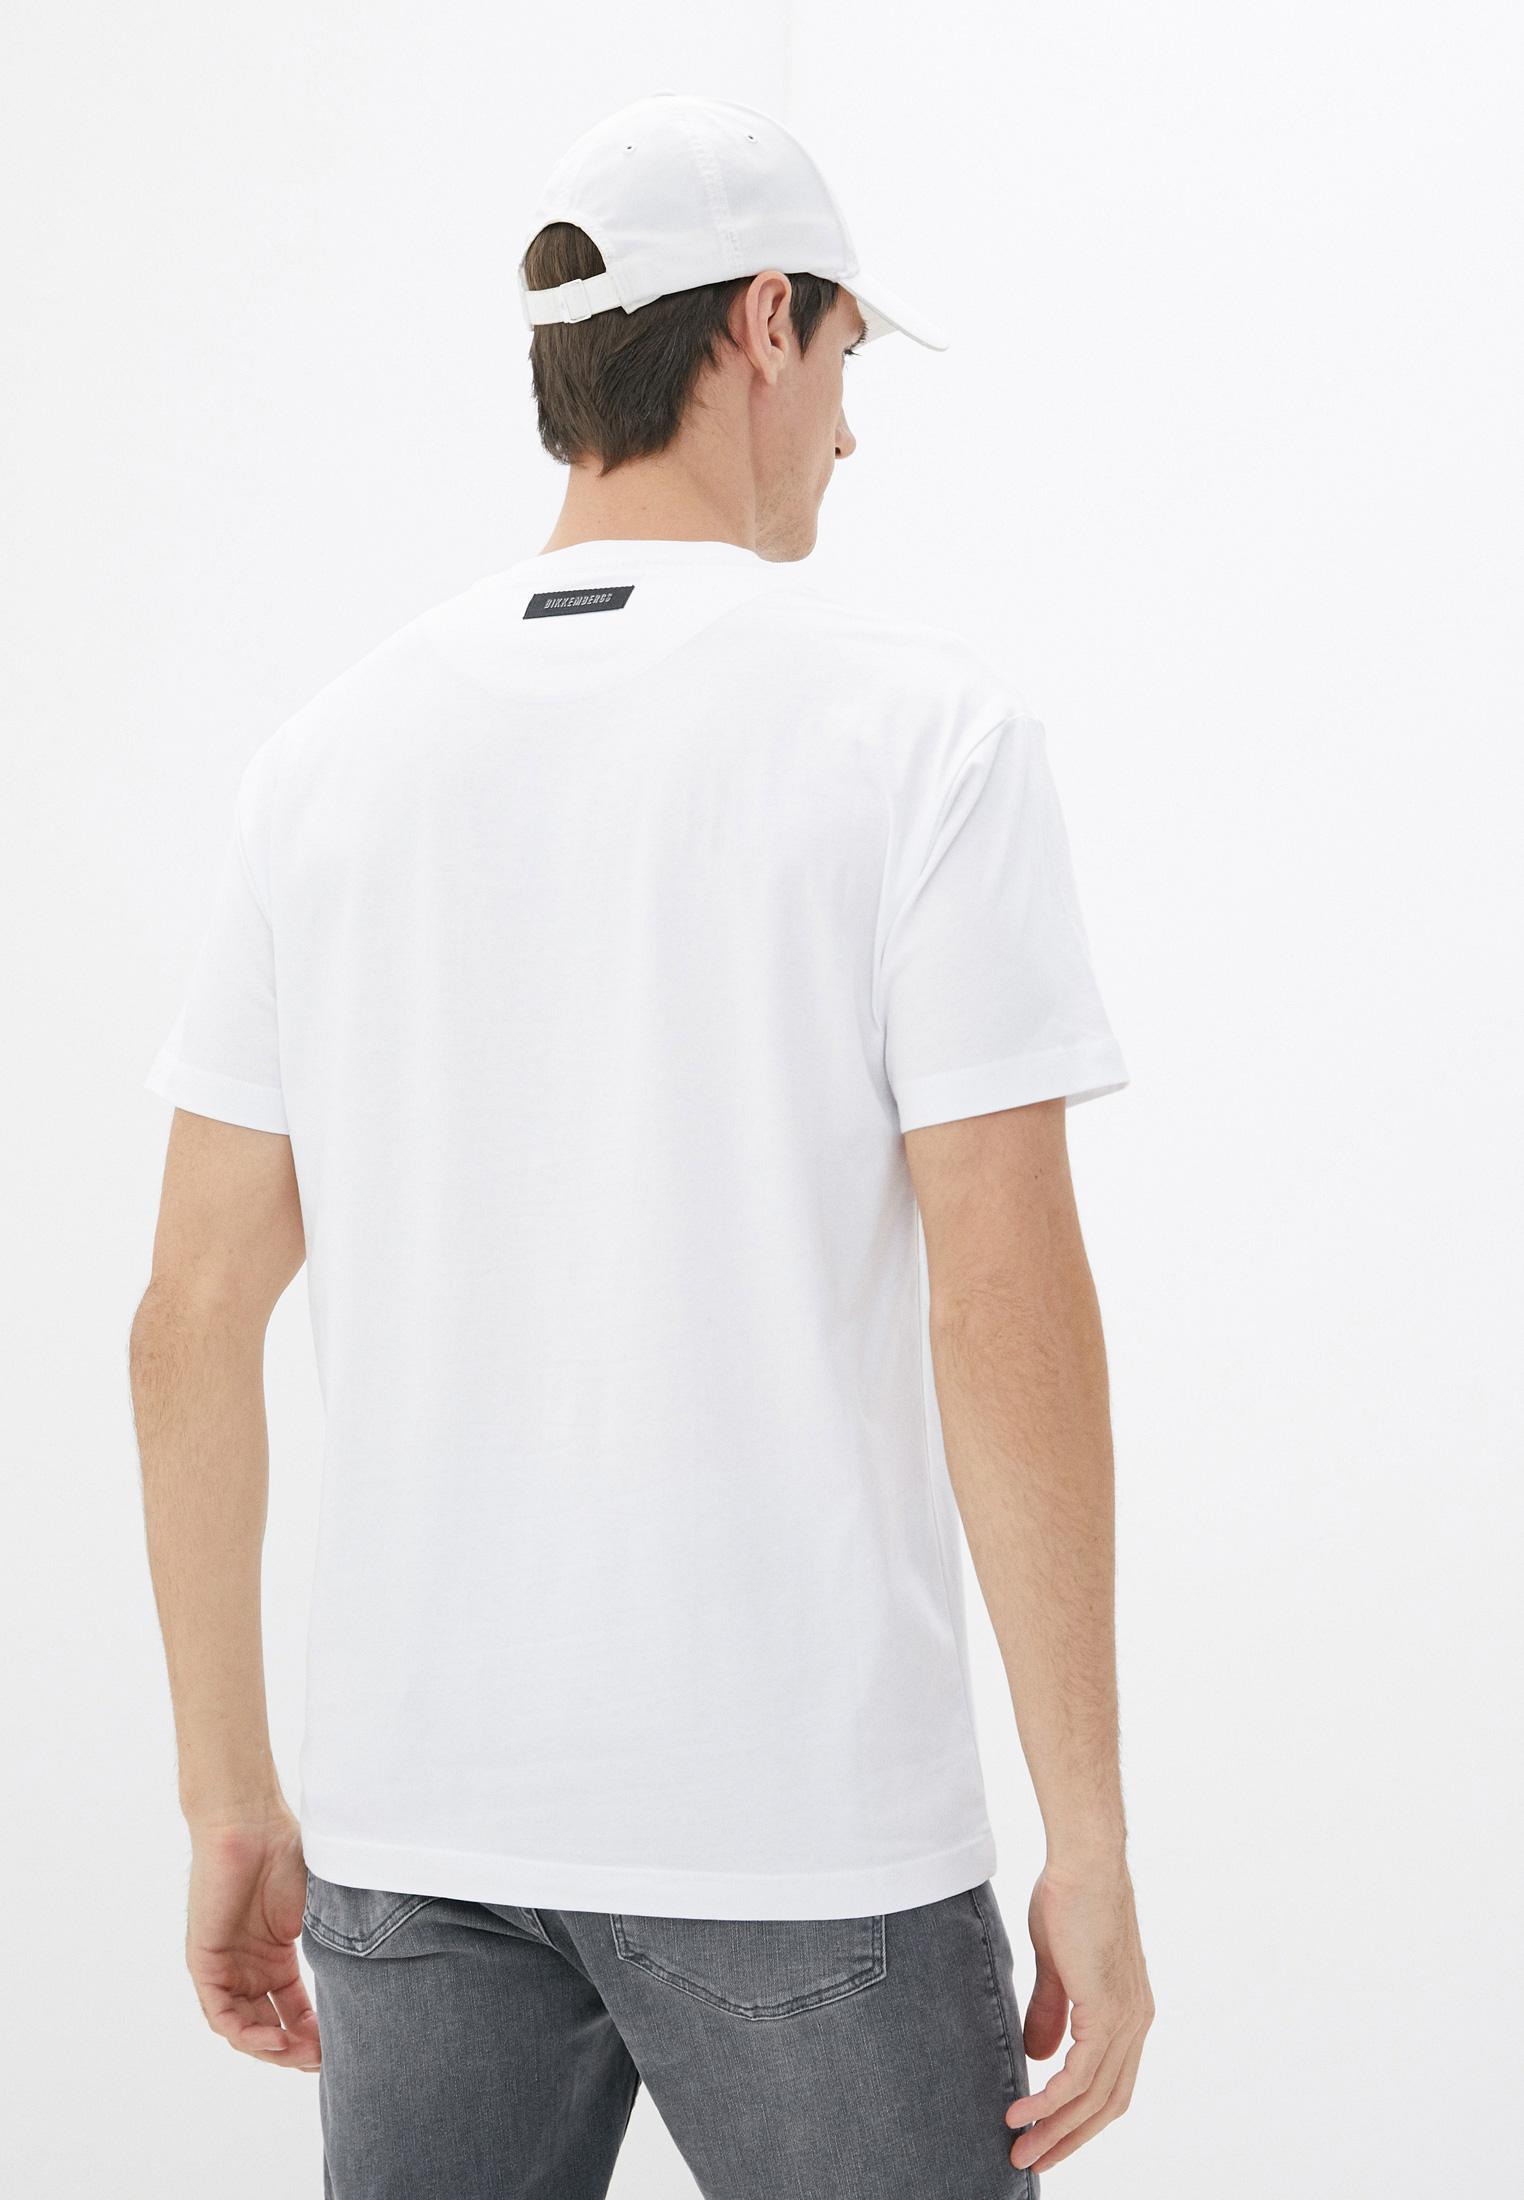 Мужская футболка Bikkembergs (Биккембергс) C 7 022 8T E 1951: изображение 9